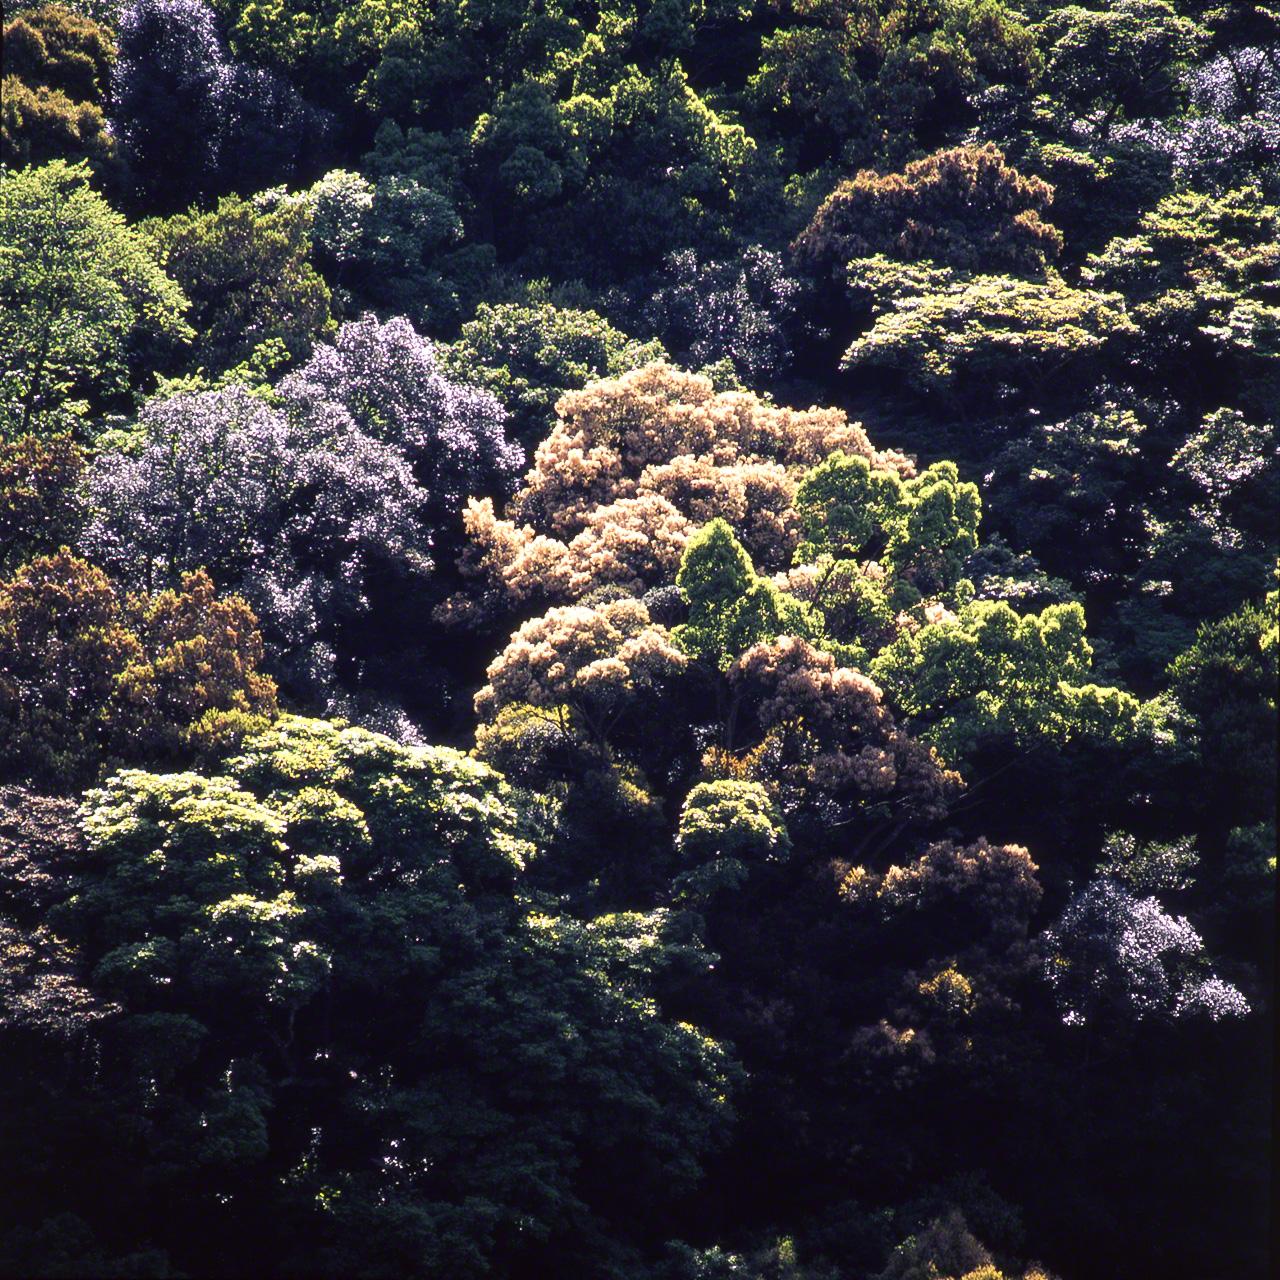 Castanopsis sieboldii цветёт среди молодой листвы